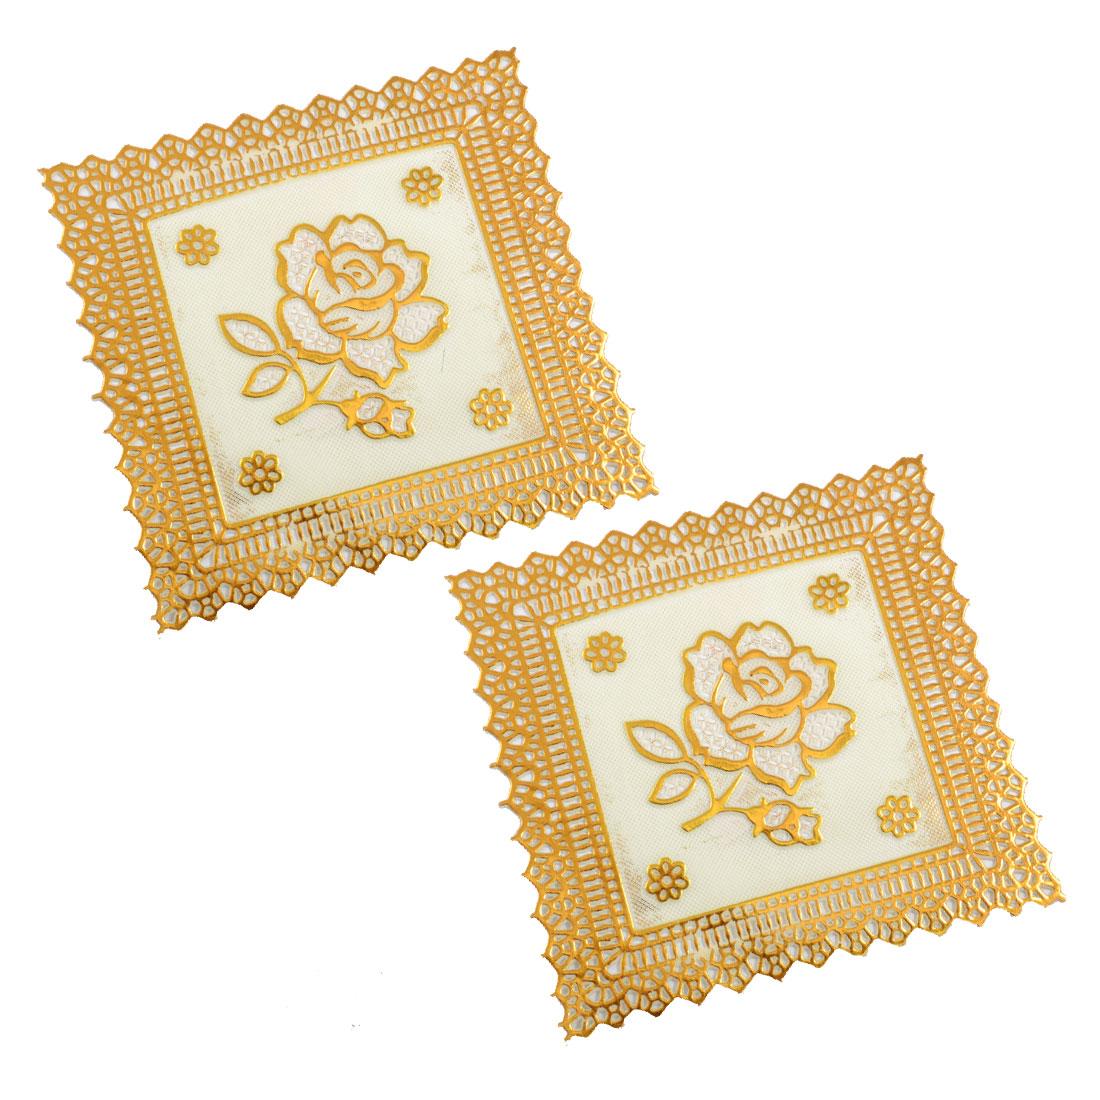 """4.7"""" x 4.7"""" Square Gold Tone Vinyl Plastic Lace Placemat Cup Mat 2 Pcs"""